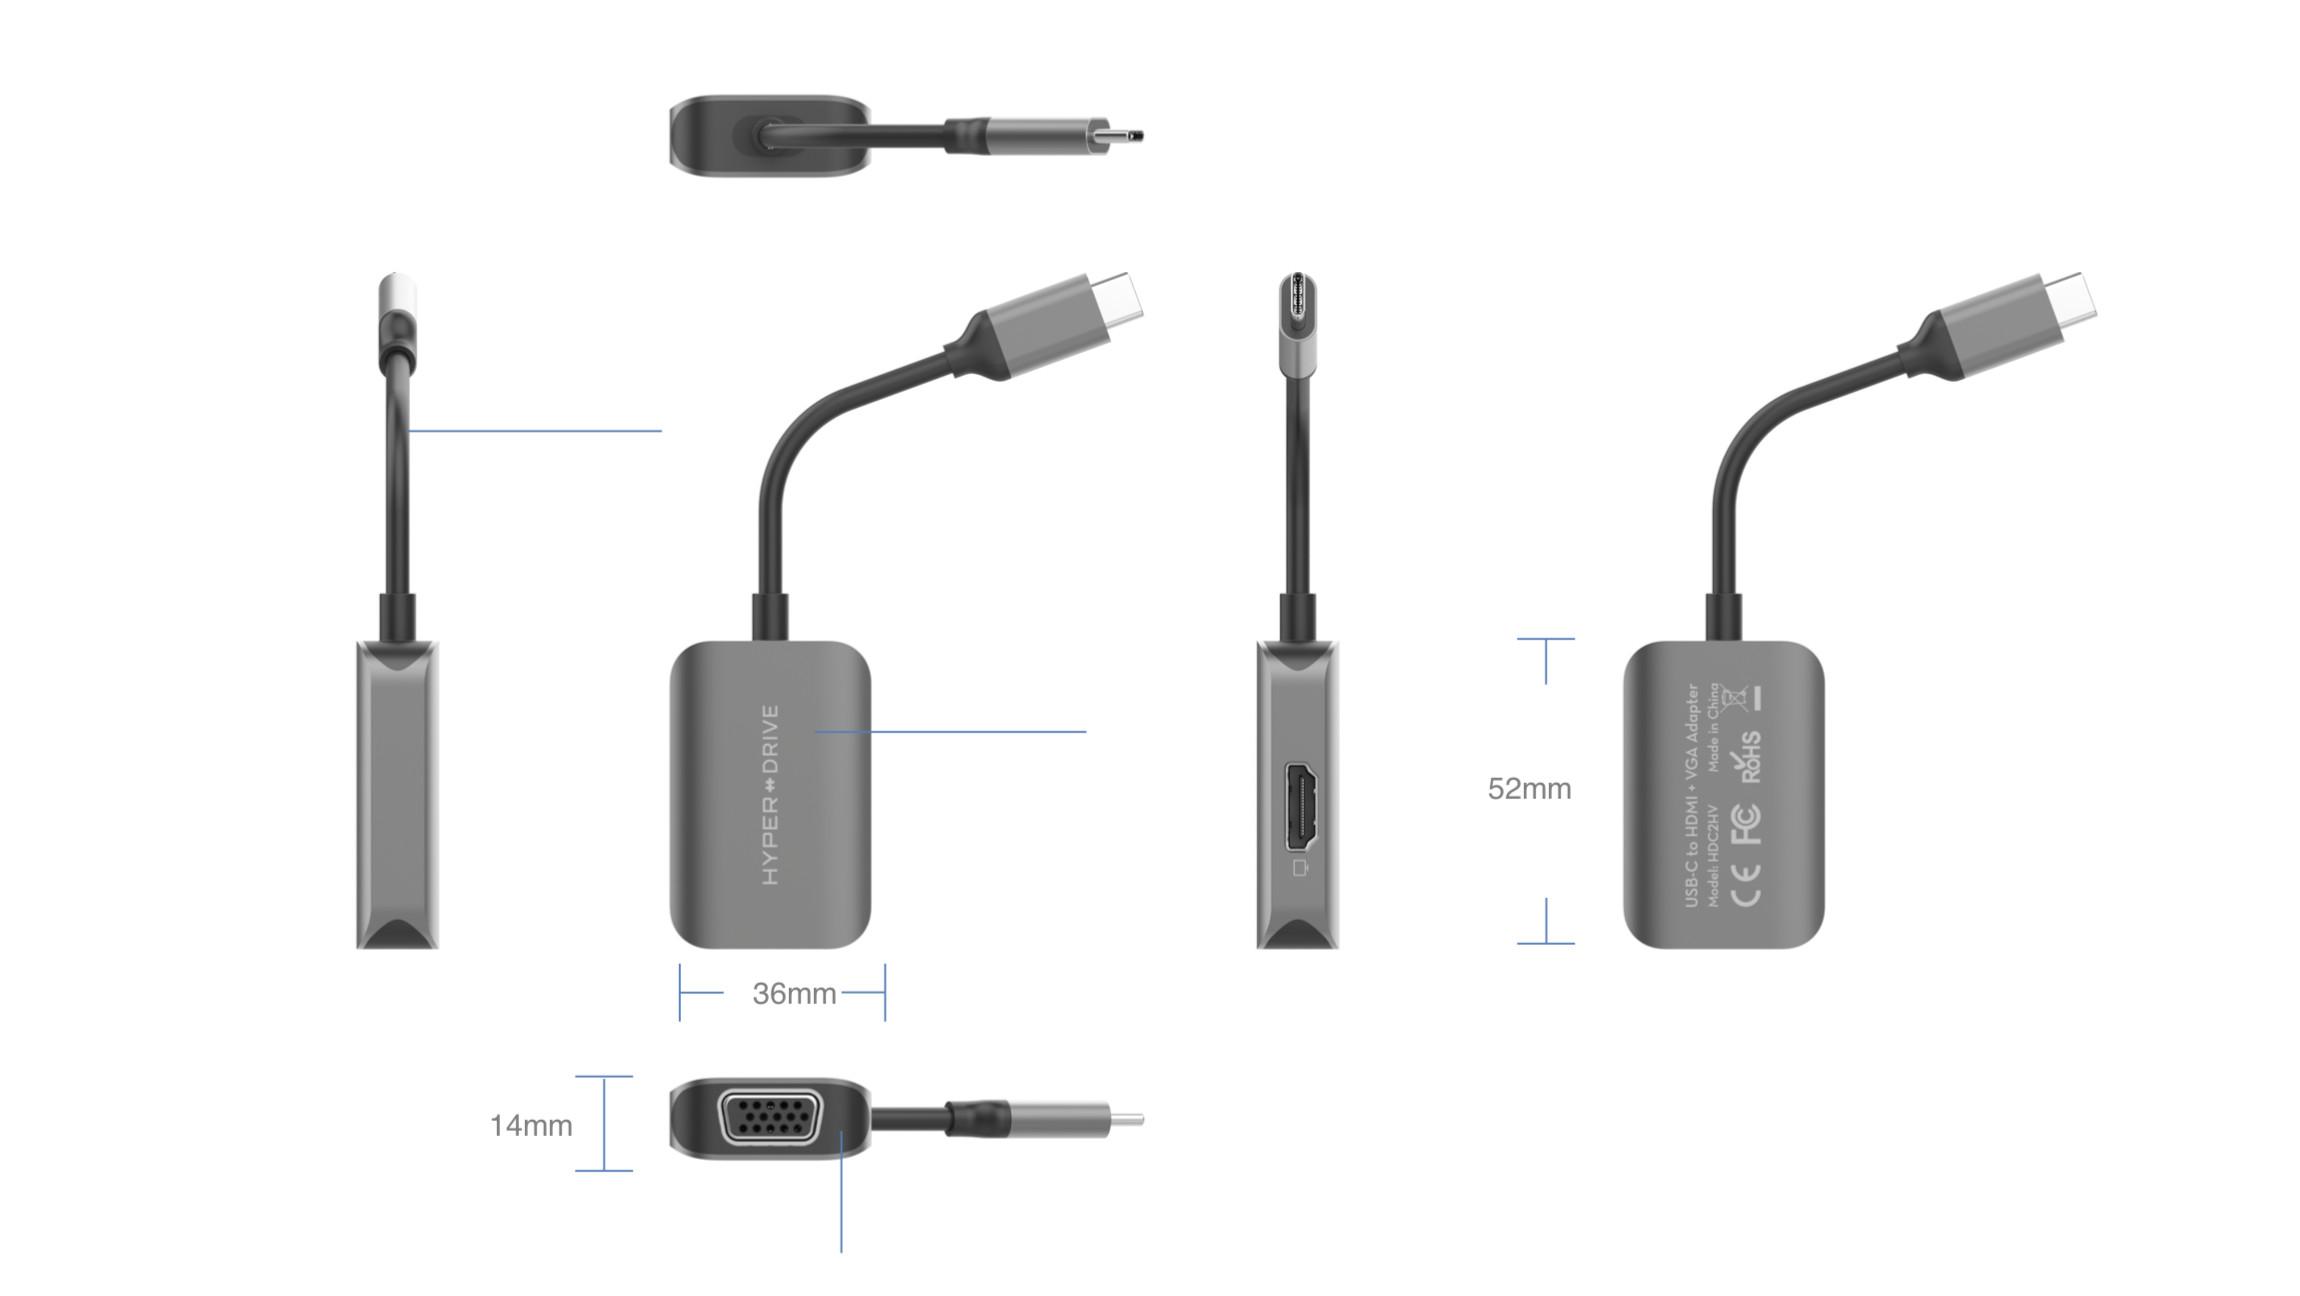 Cổng Chuyển HyperDrive 4K HDMI/VGA 2 in 1 USB-C Hub For iPad, MacBook, Surface, PC HD-C2HV - Hàng Chính Hãng